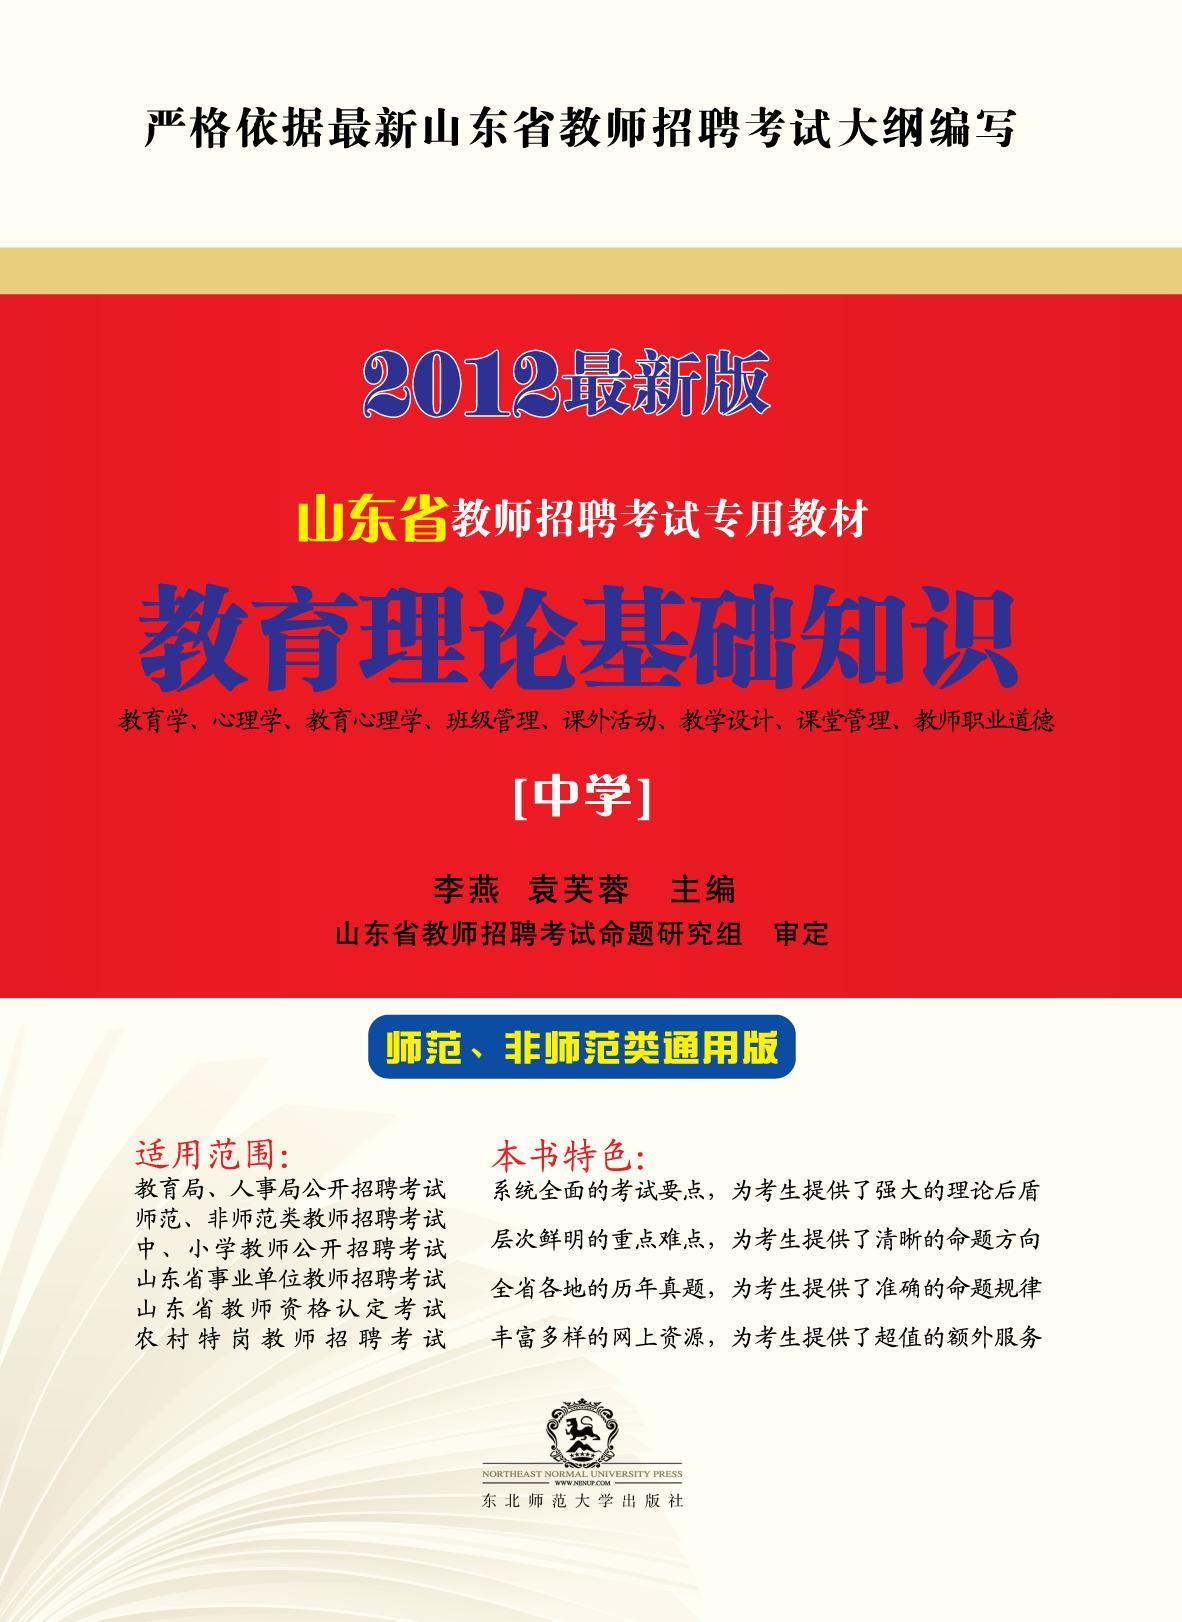 (无货)教育理论基础知识[中学]-2012年最新版山东省